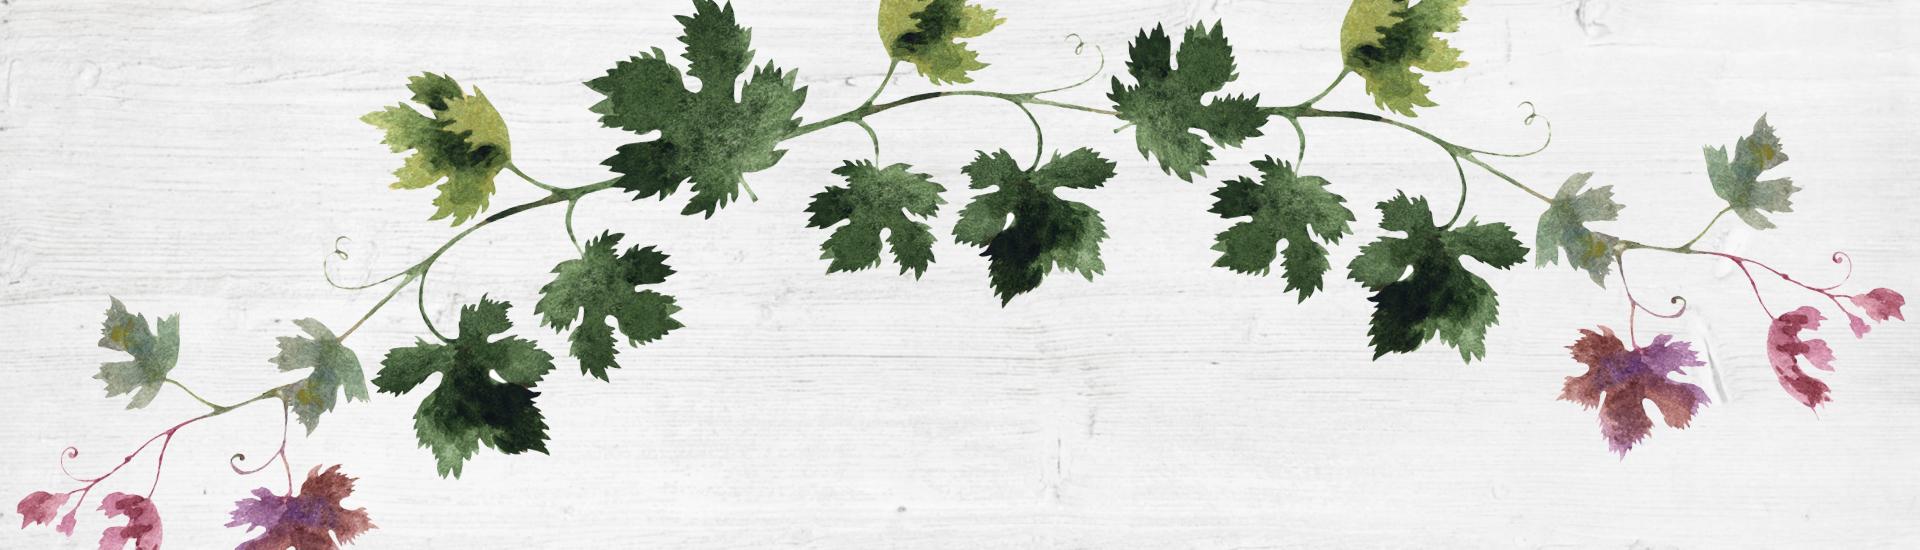 Weine - Vinorama on Tour: Weißweinvielfalt abseits des Gewöhnlichen 05/2018 - Slider